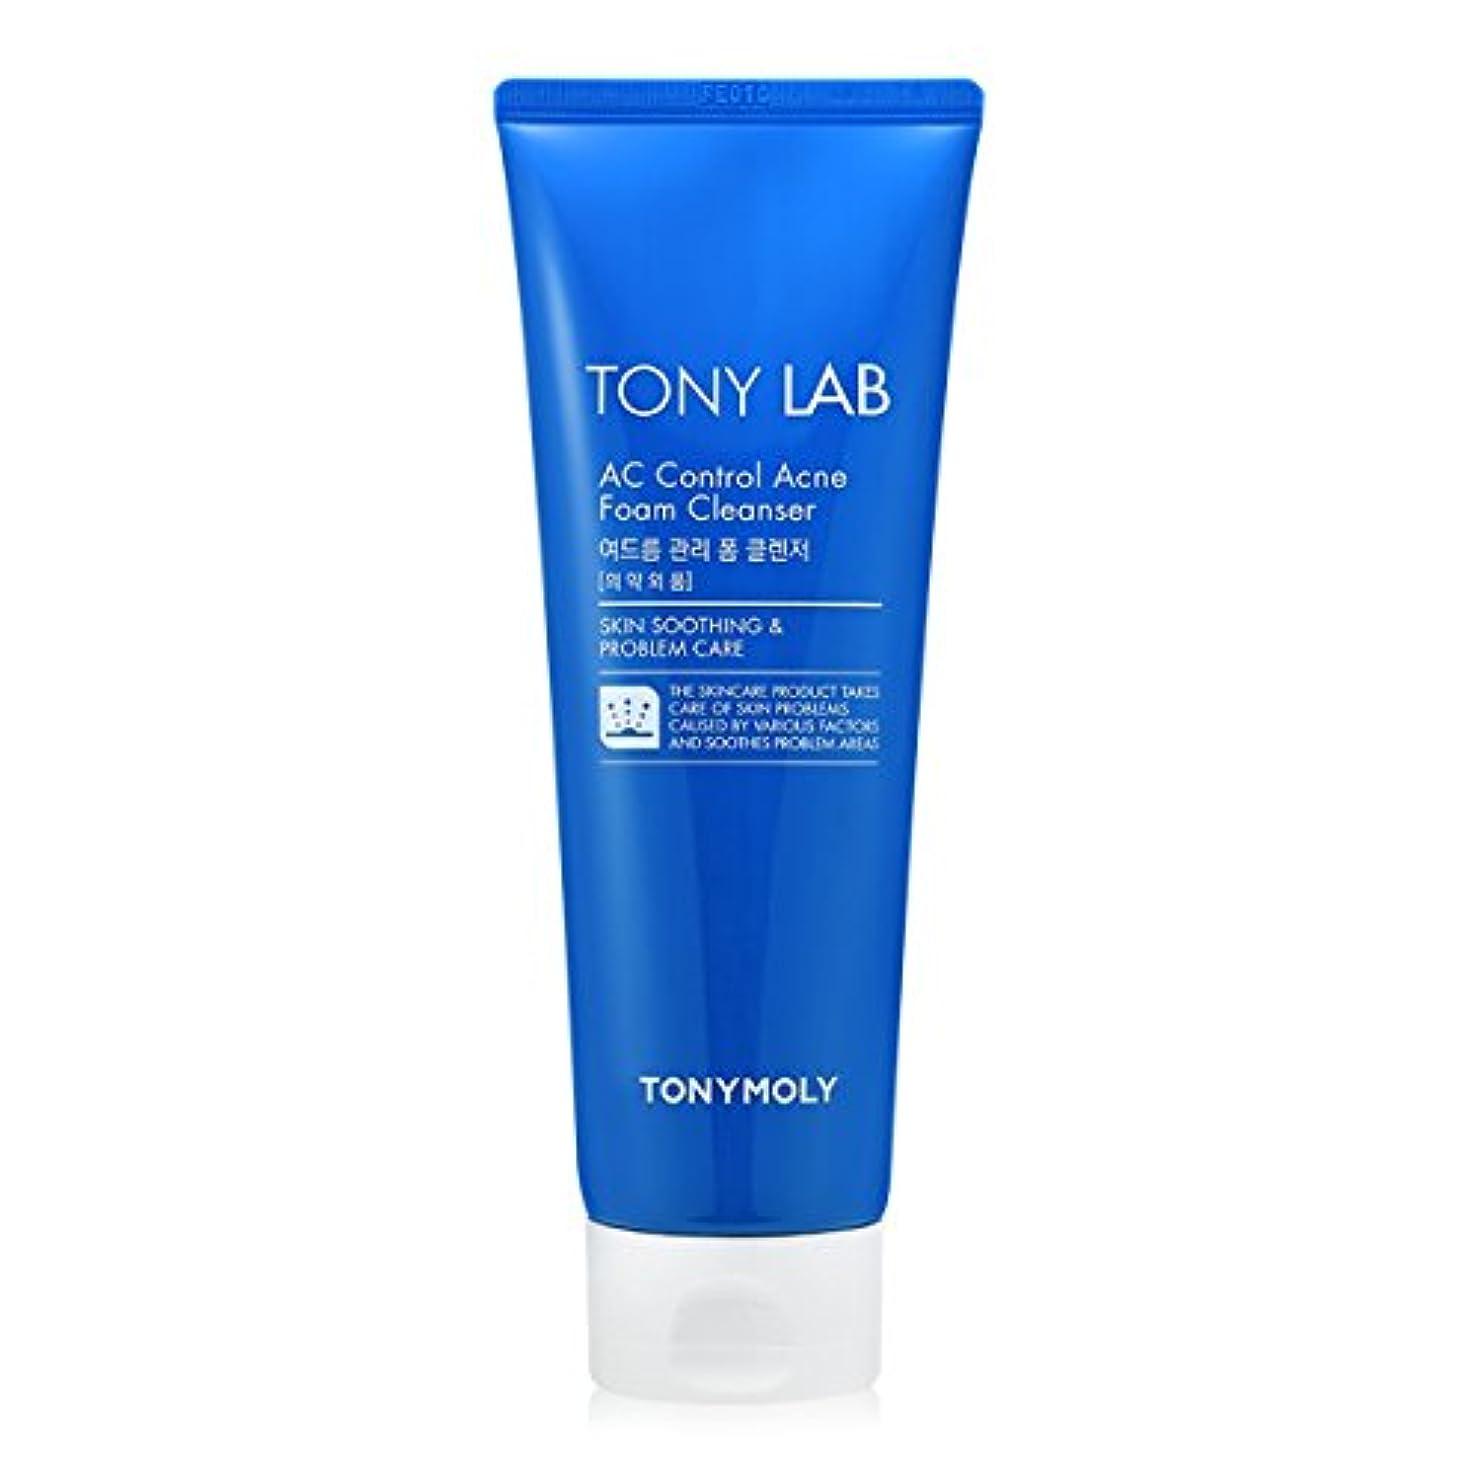 汚すボットメンテナンス[New] TONYMOLY Tony Lab AC Control Acne Foam Cleanser 150ml/トニーモリー トニー ラボ AC コントロール アクネ フォーム クレンザー 150ml [並行輸入品]